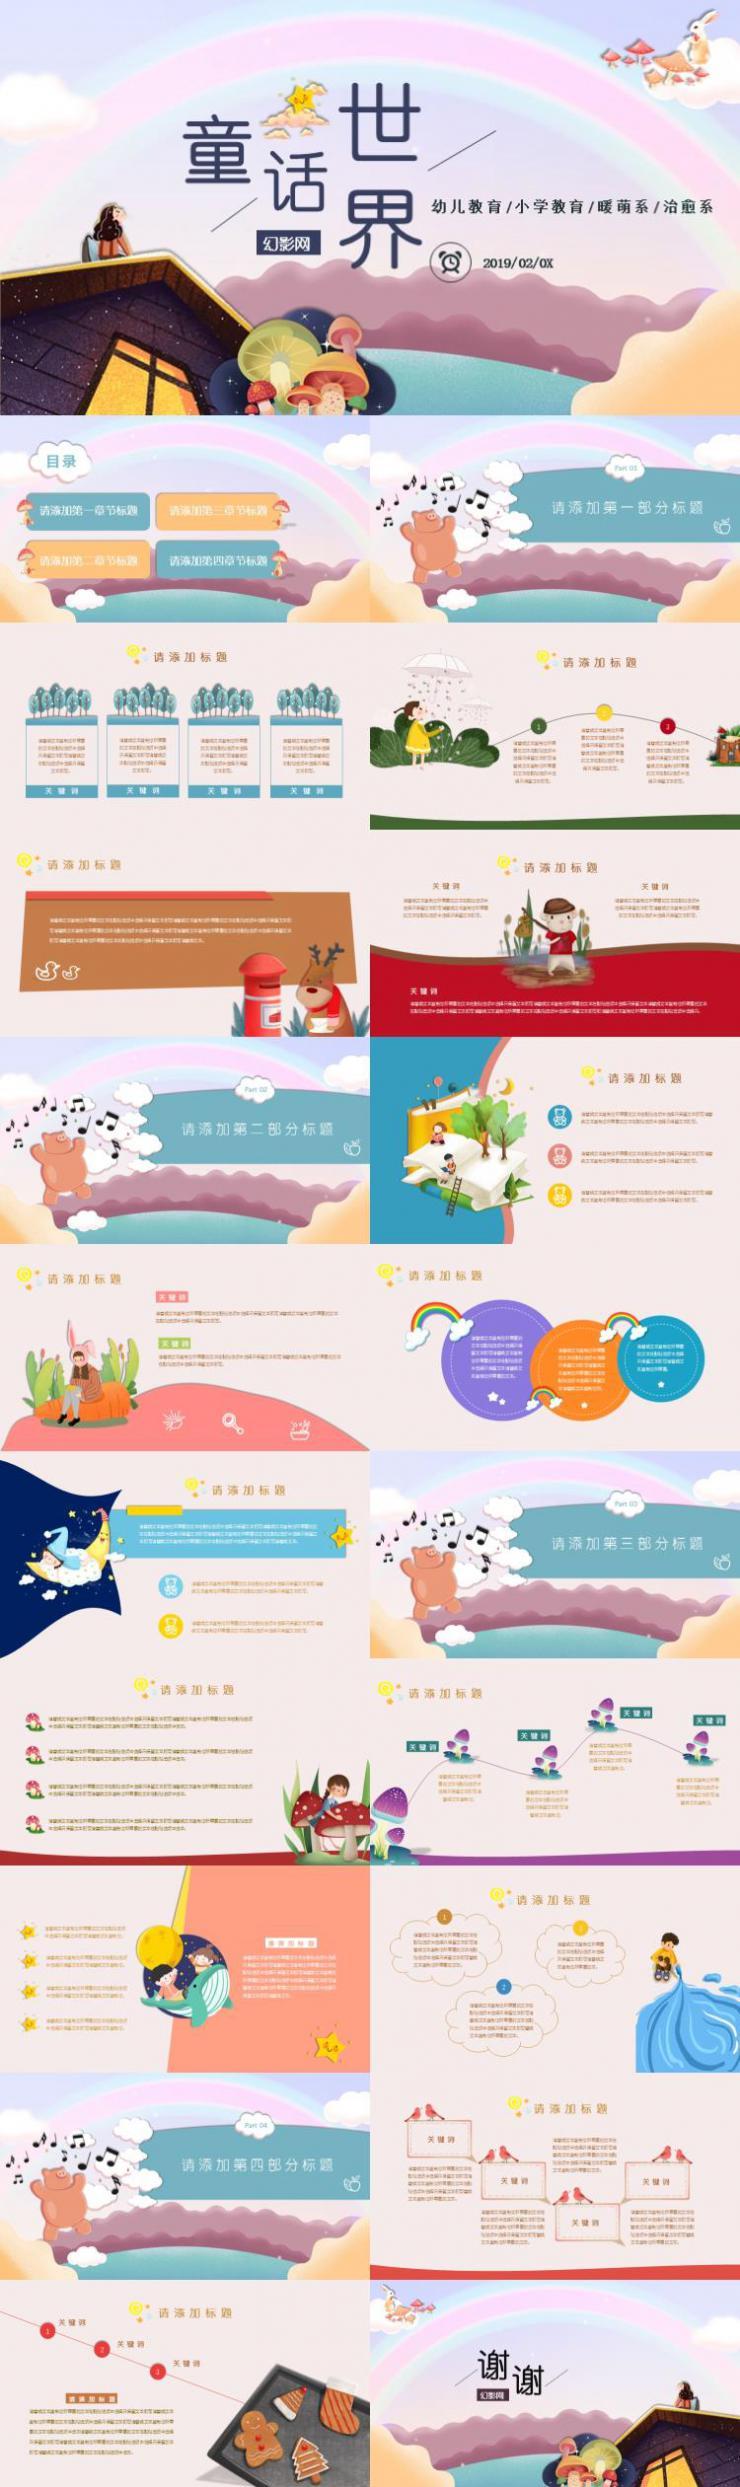 童心童趣可爱卡通幼儿小学教学动态幻灯片模板